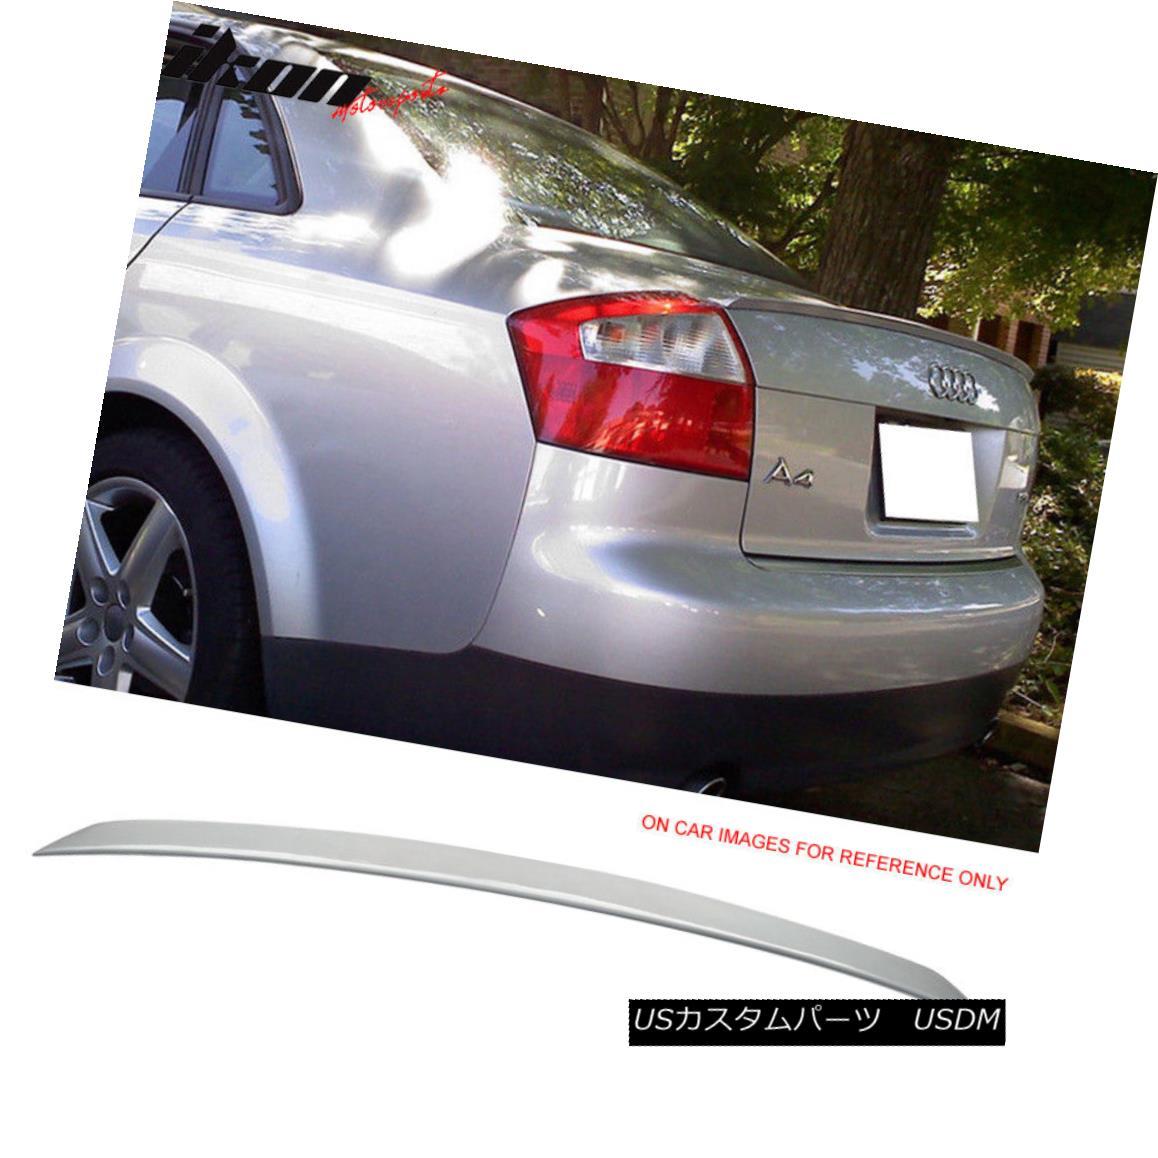 エアロパーツ Fits 02-05 Audi A4 B6 A Type Trunk Spoiler Painted #LY7G Quartz Gray Metallic フィット02-05アウディA4 B6 Aタイプトランクスポイラー#LY7Gクォーツグレーメタリック塗装